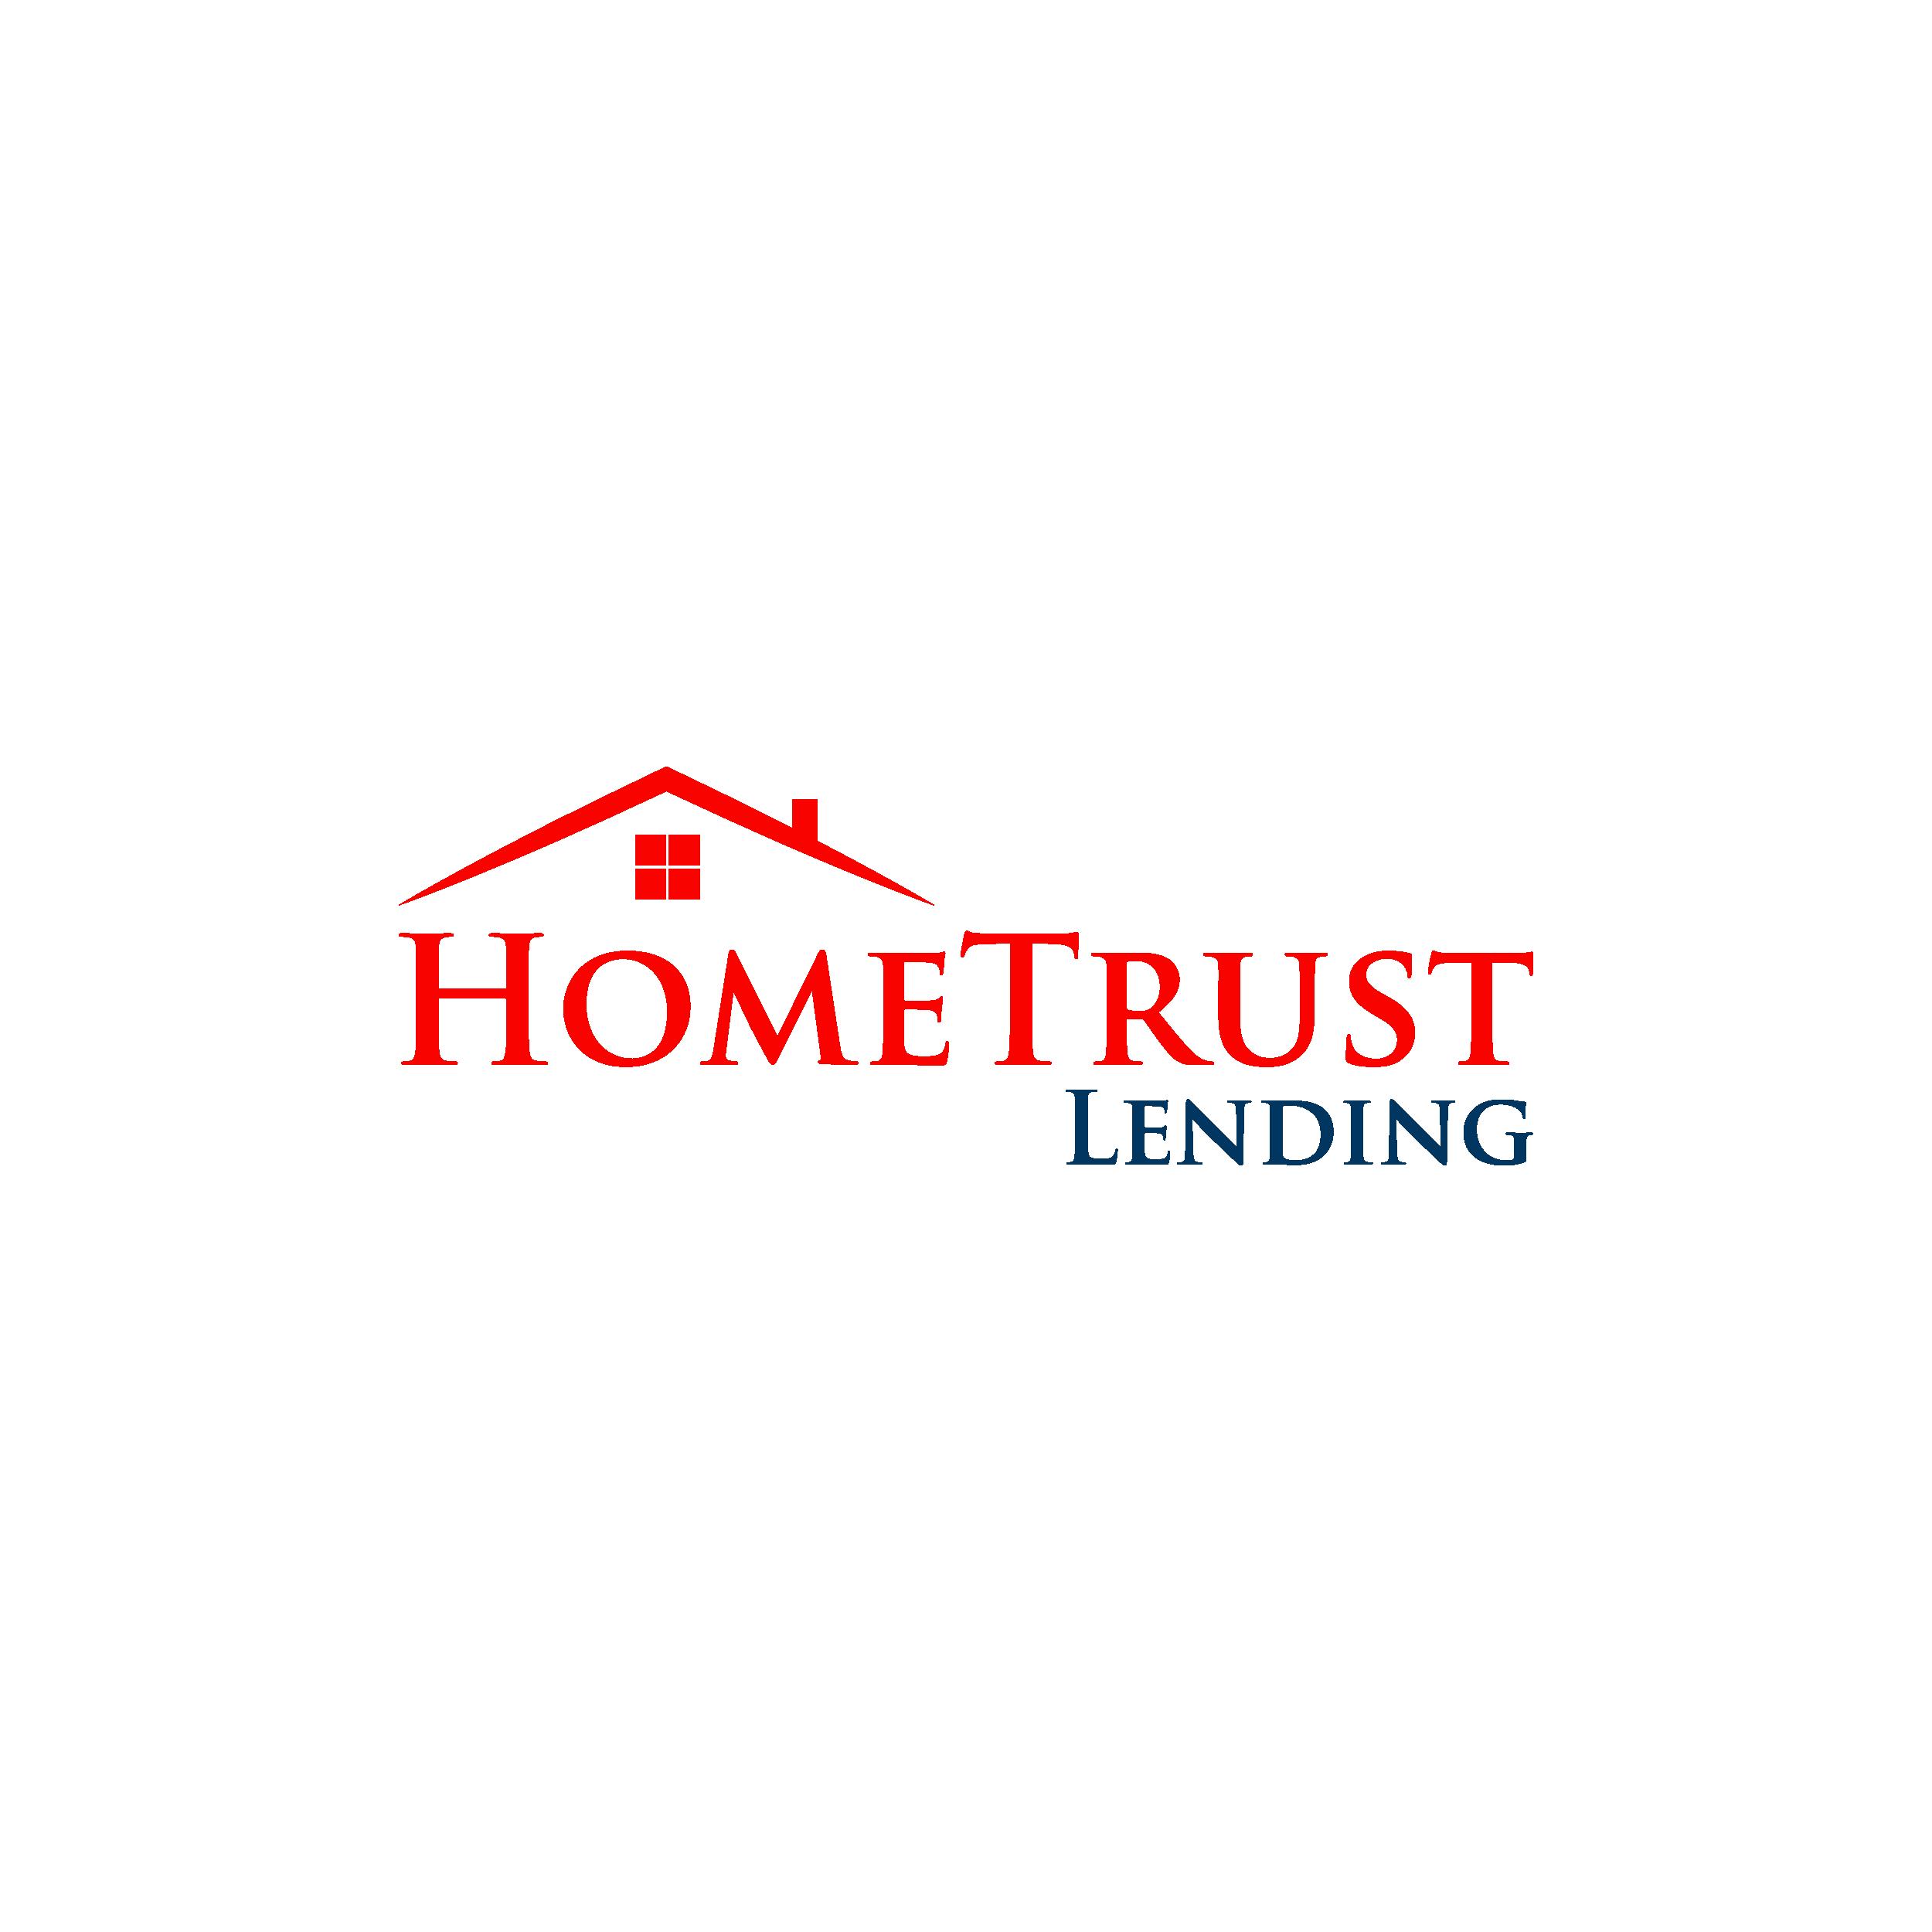 Home Trust Lending, Inc. logo